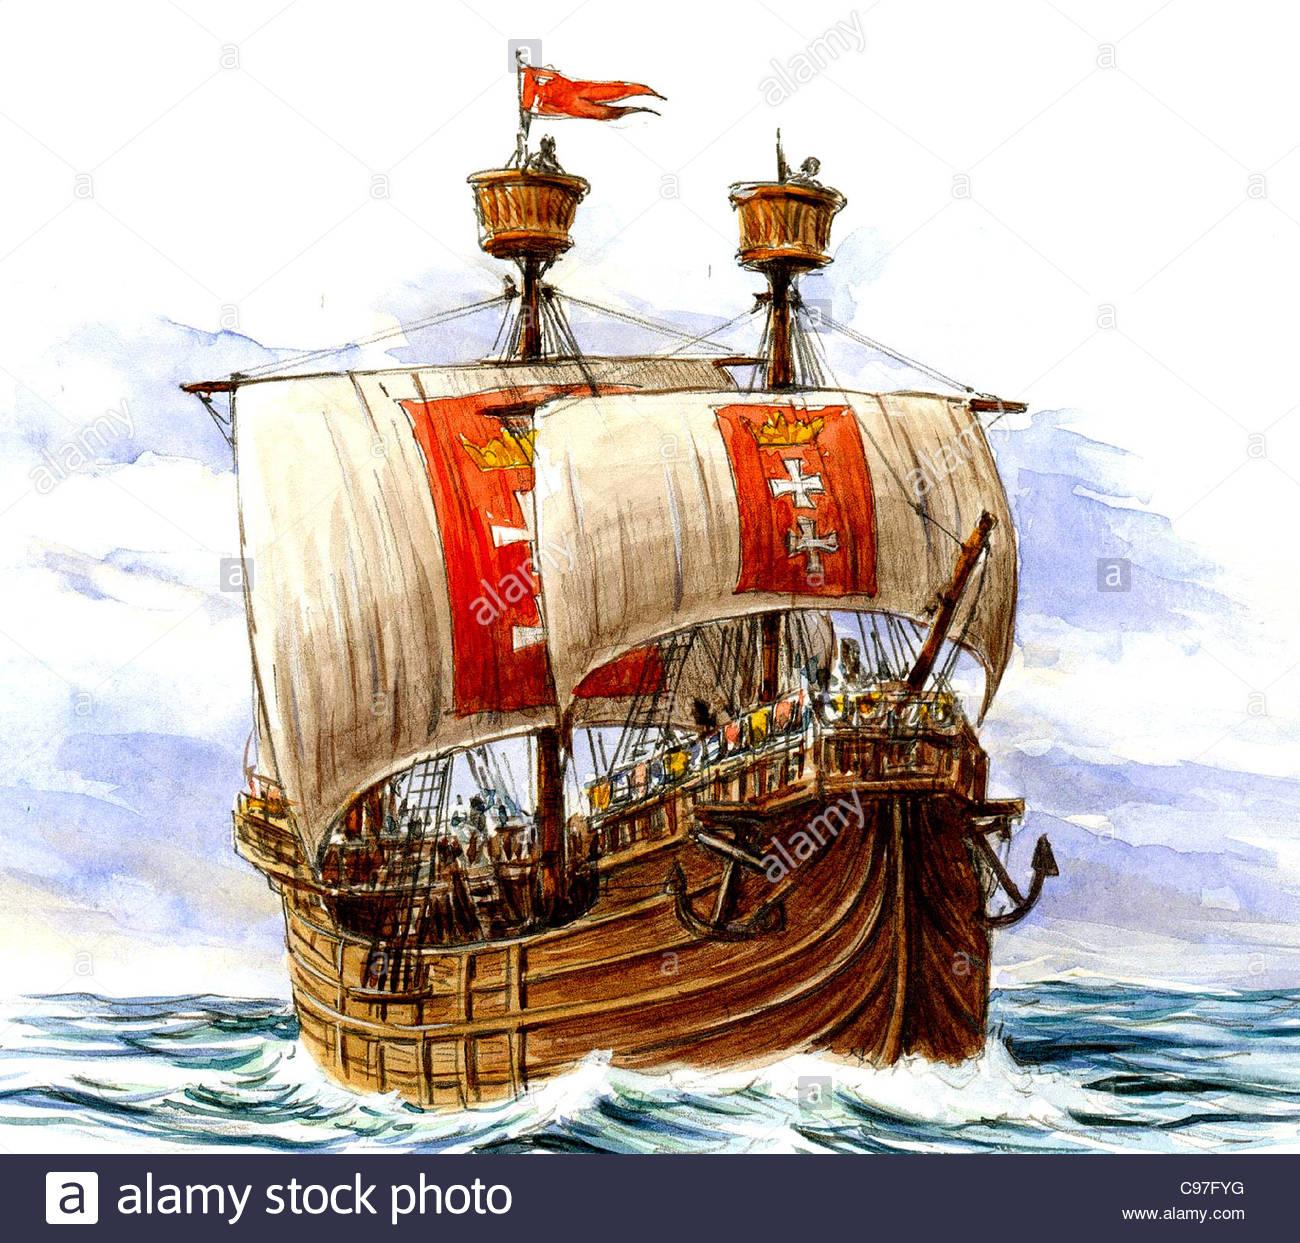 Serie schiffe hanse kogge schiff schiffe versandart versand seefahrt schiff s c97fyg